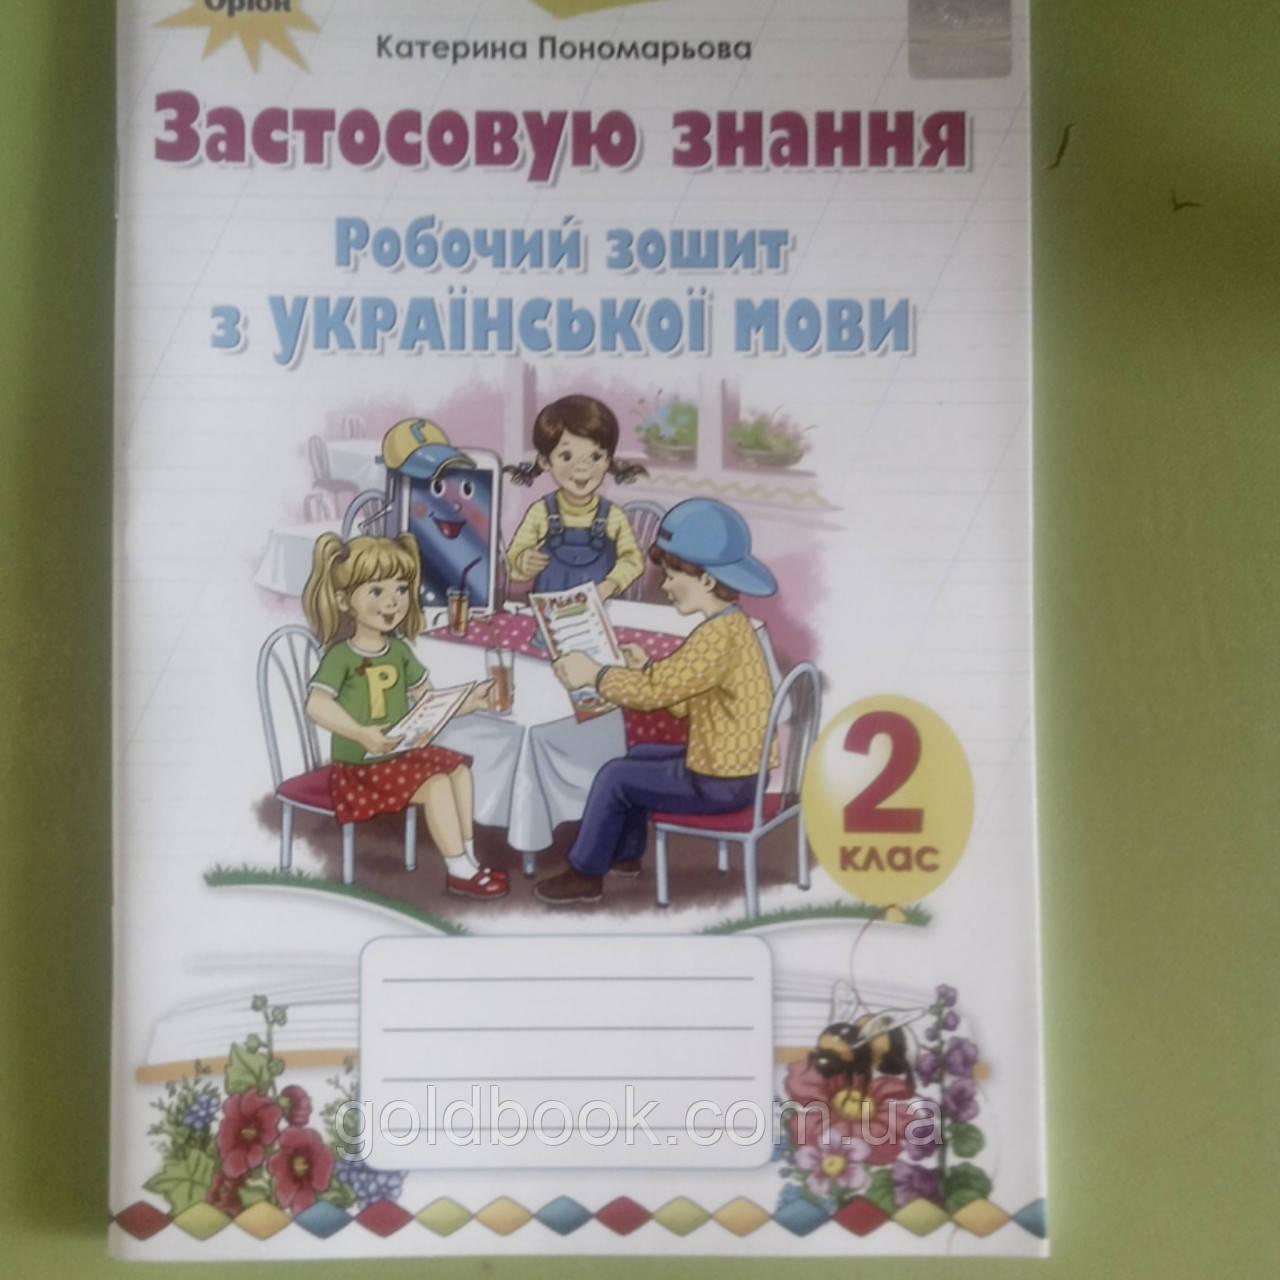 """Українська мова 2 клас робочий зошит """"Я застосовую знання"""""""